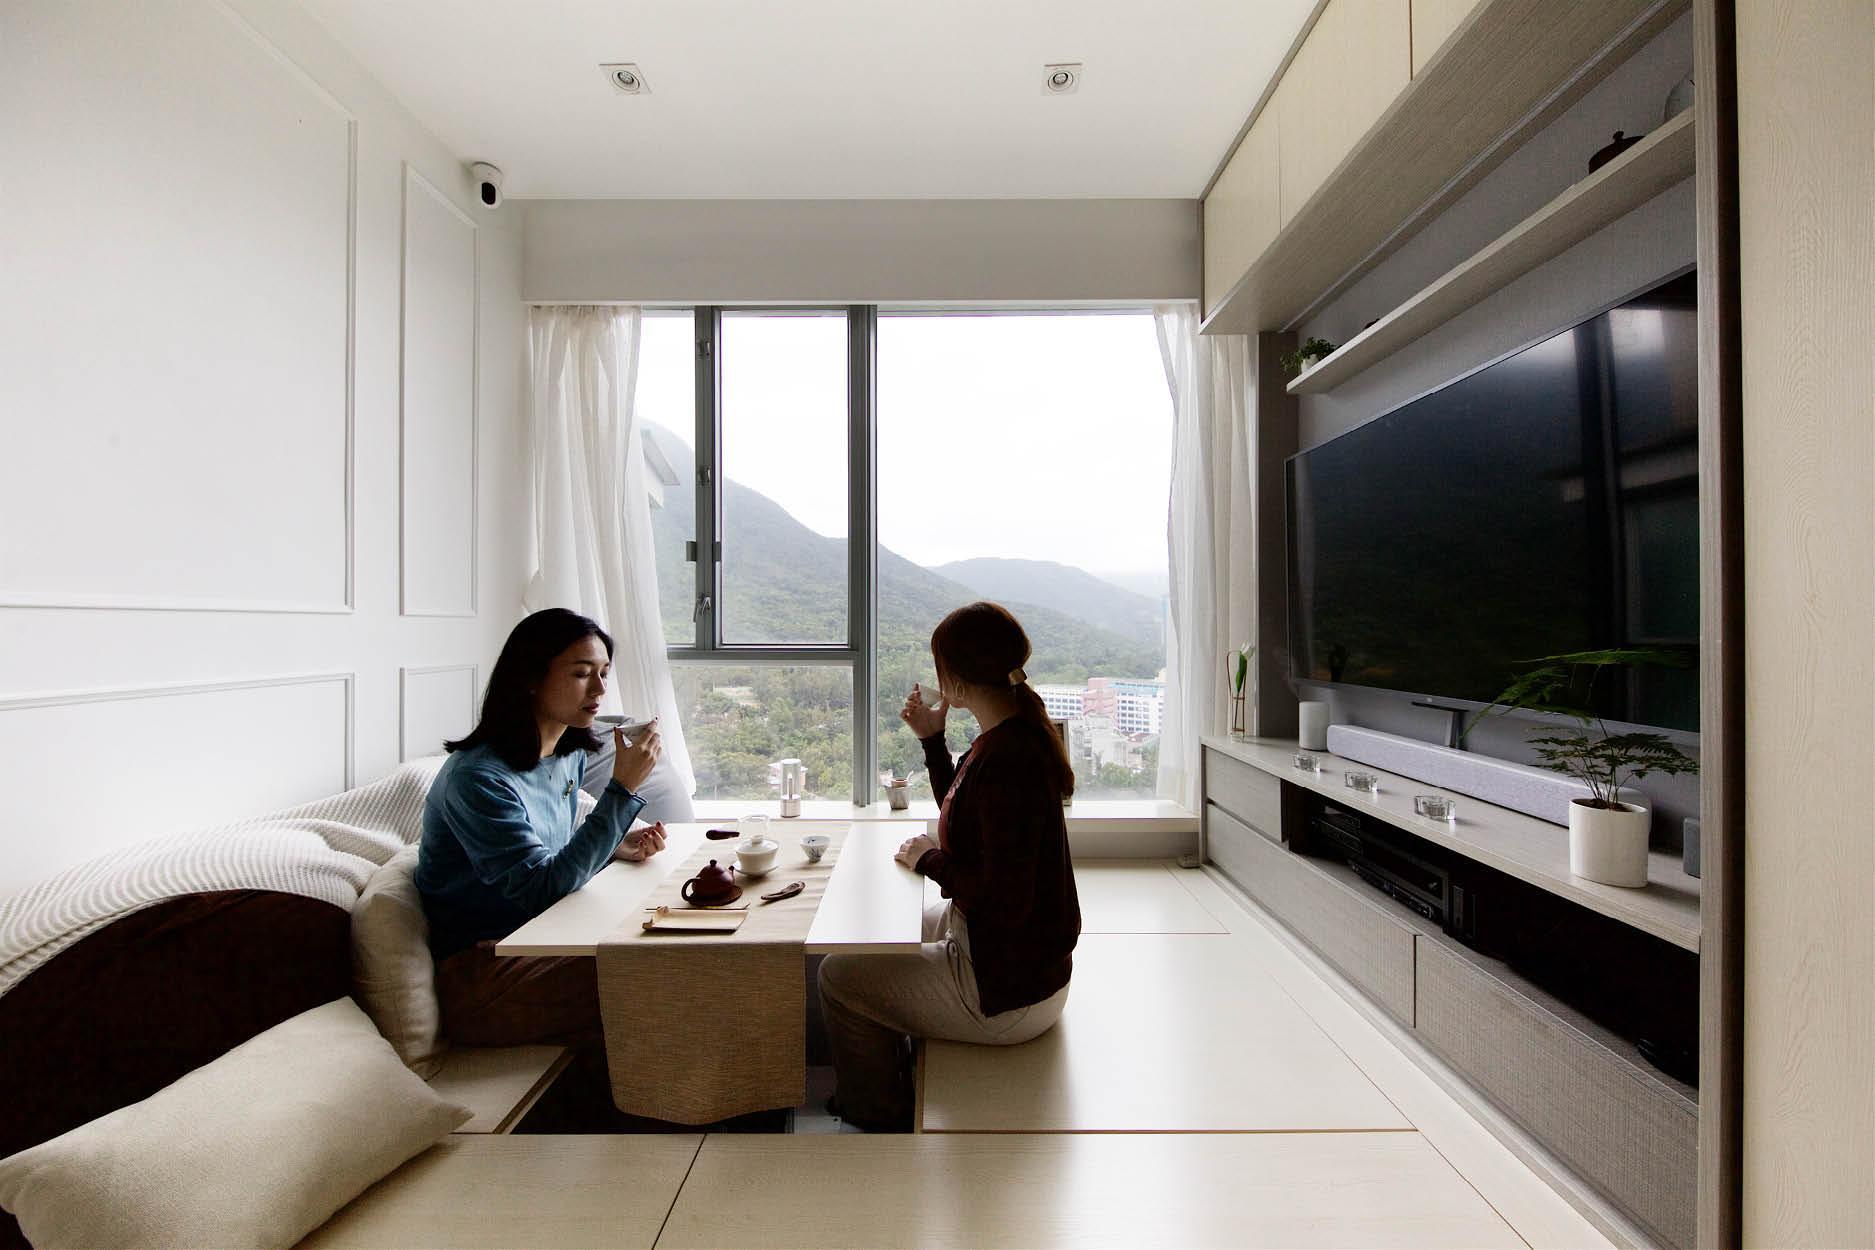 Căn hộ 45m² với mẹo bố trí hợp phong thủy giúp không gian thêm vượng khí, vợ chồng thêm thuận hòa  - Ảnh 3.